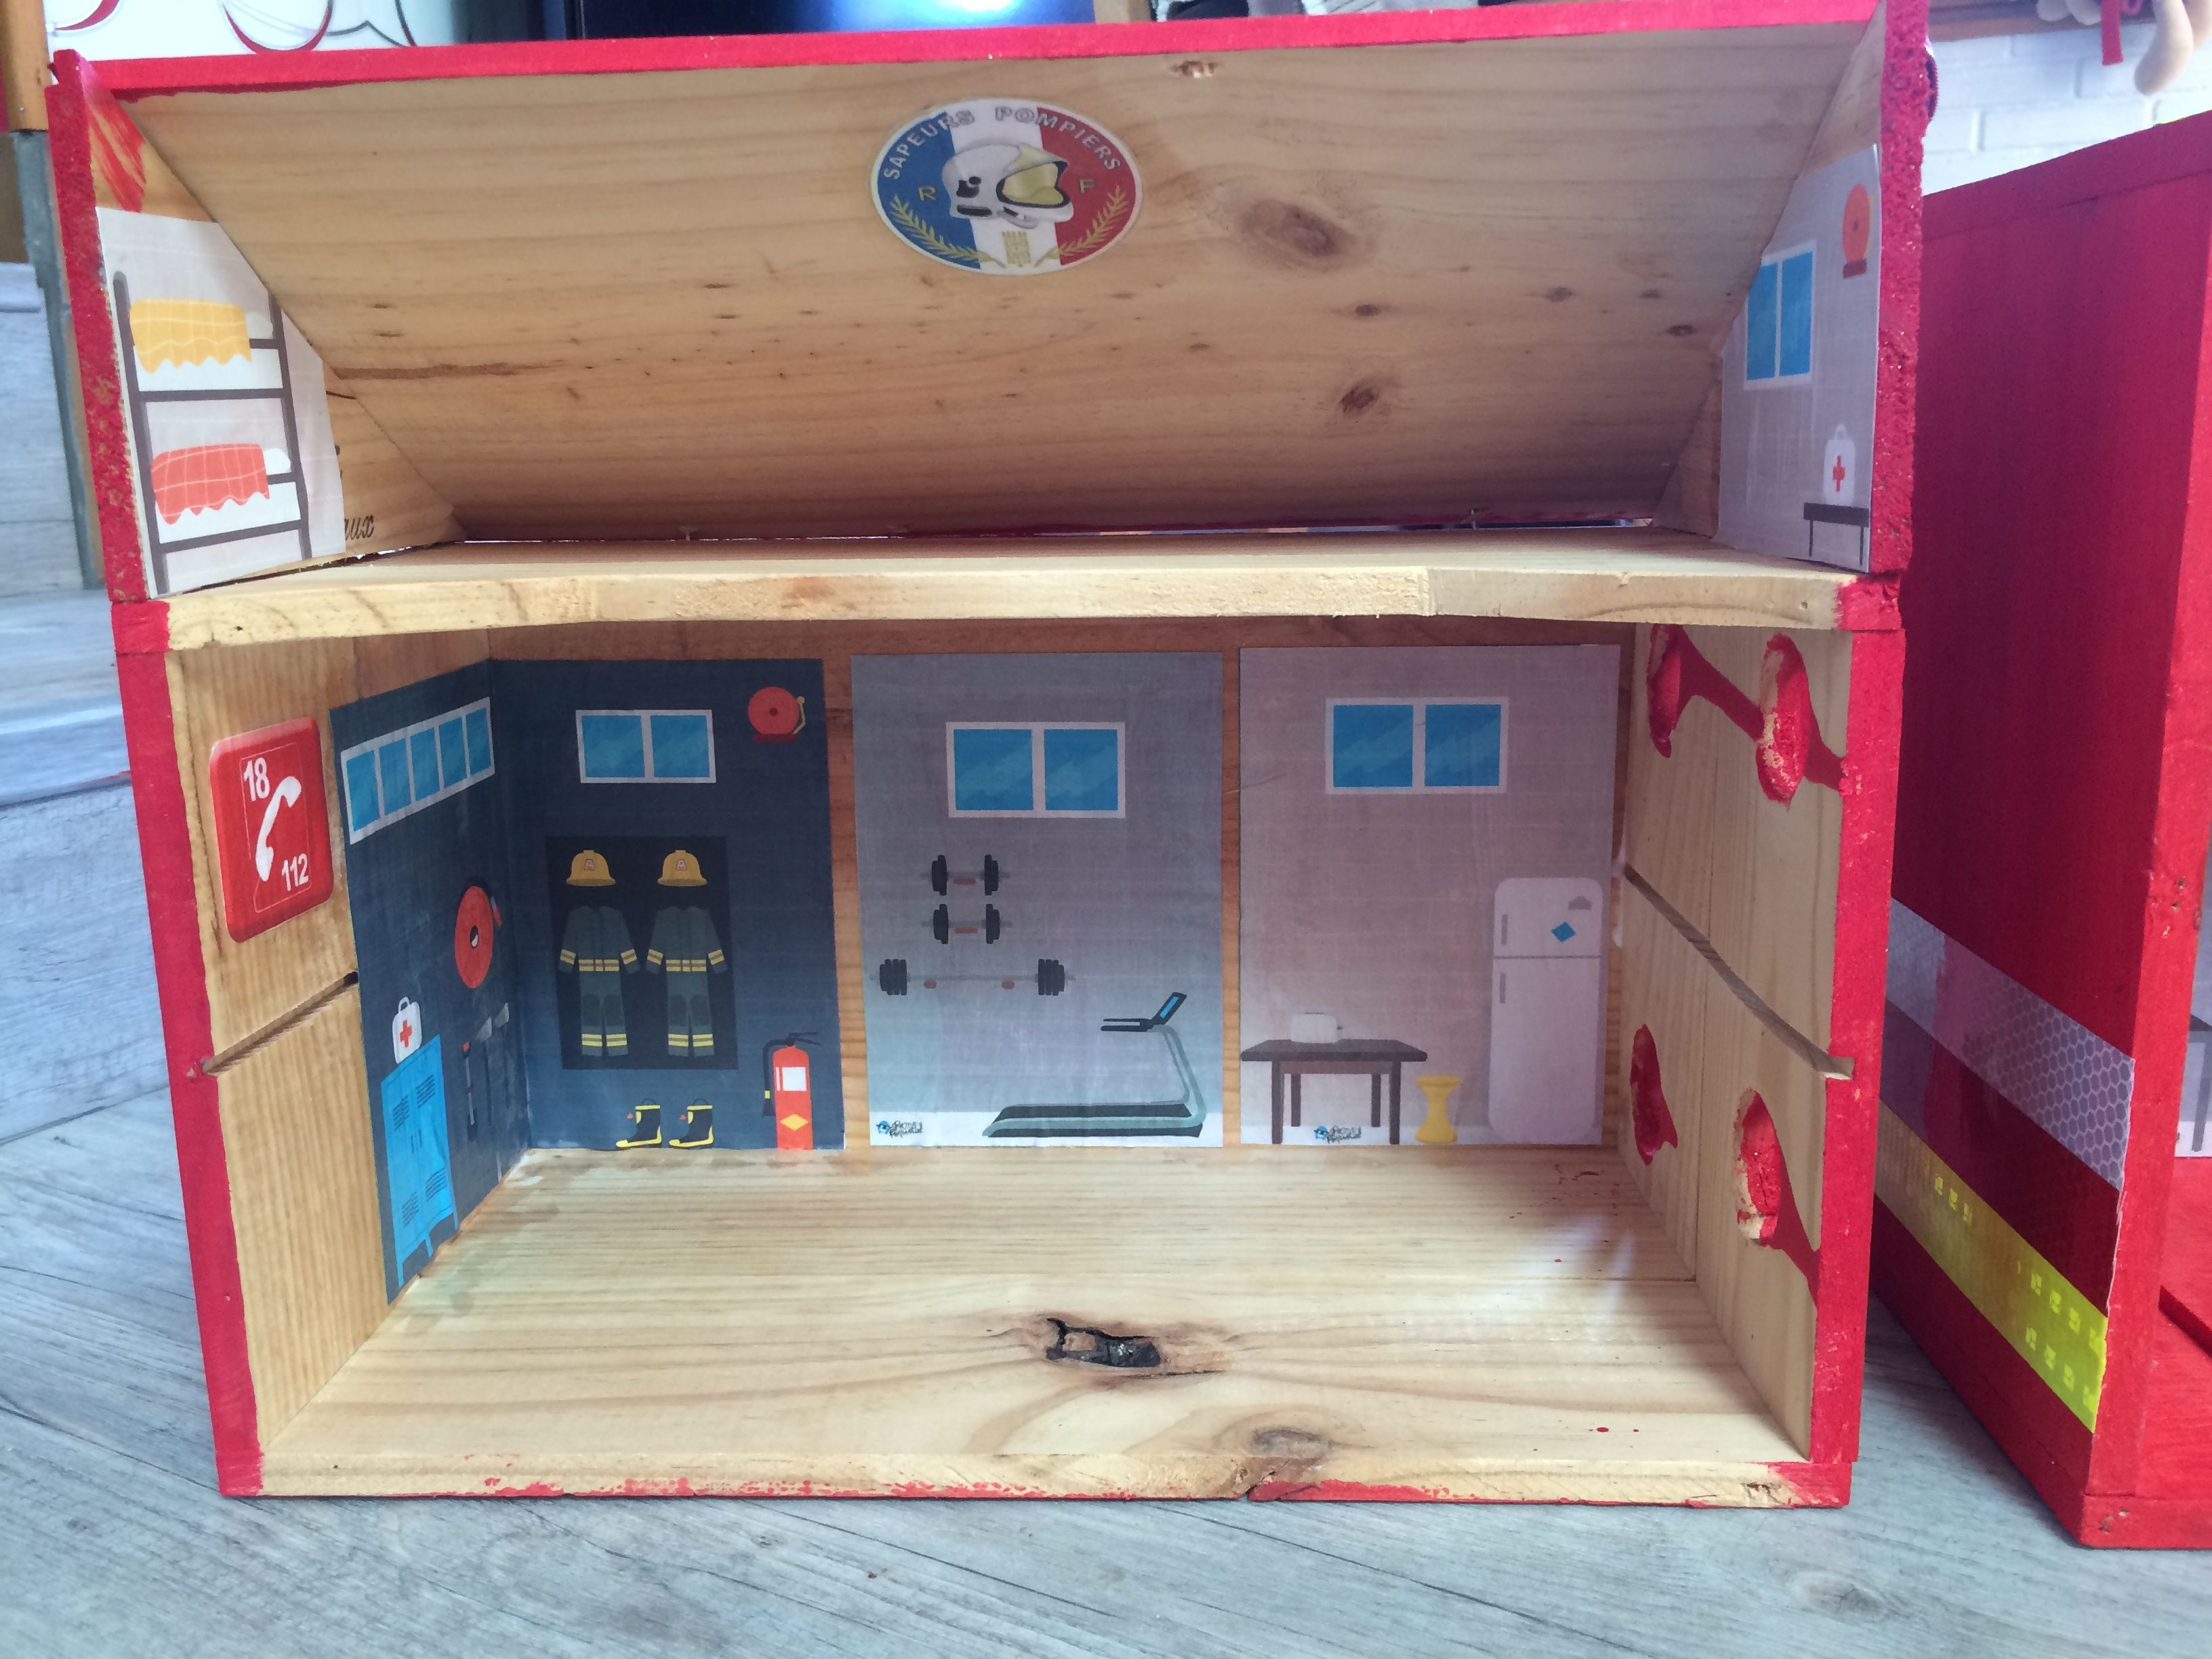 Caserne pompiers playmobil avec des caisses de vin en bois lego playmobil playmobil lego et - Caserne de police playmobil ...